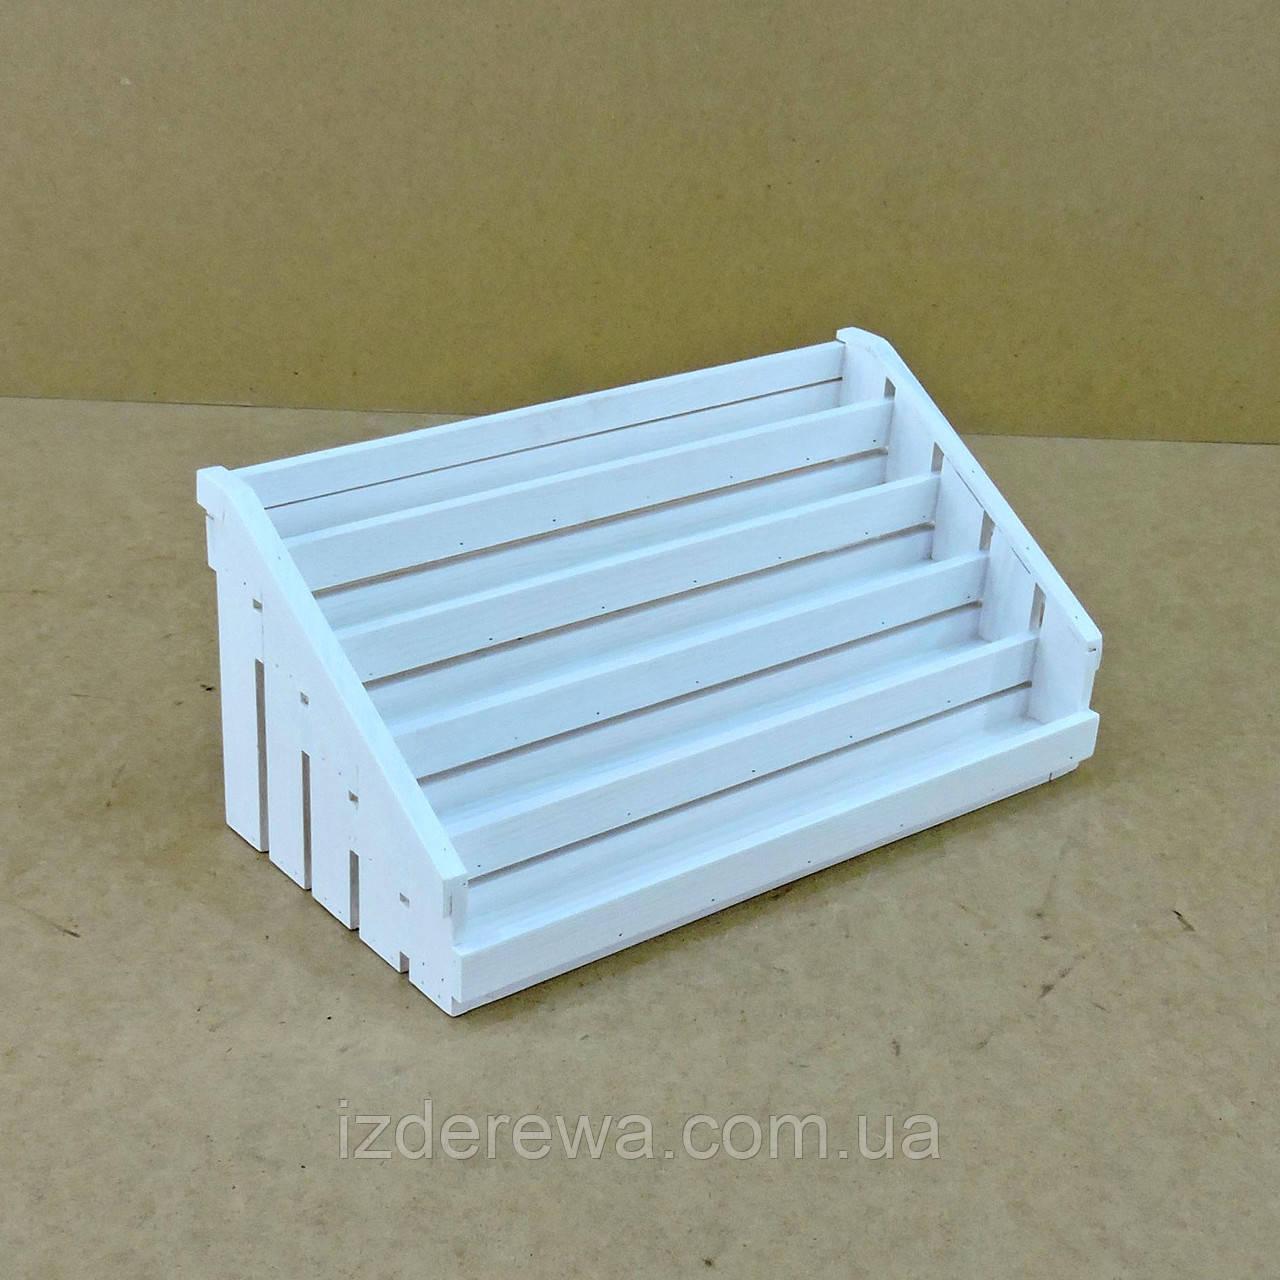 Органайзер для гель-лаков 70шт зефир - фото 1